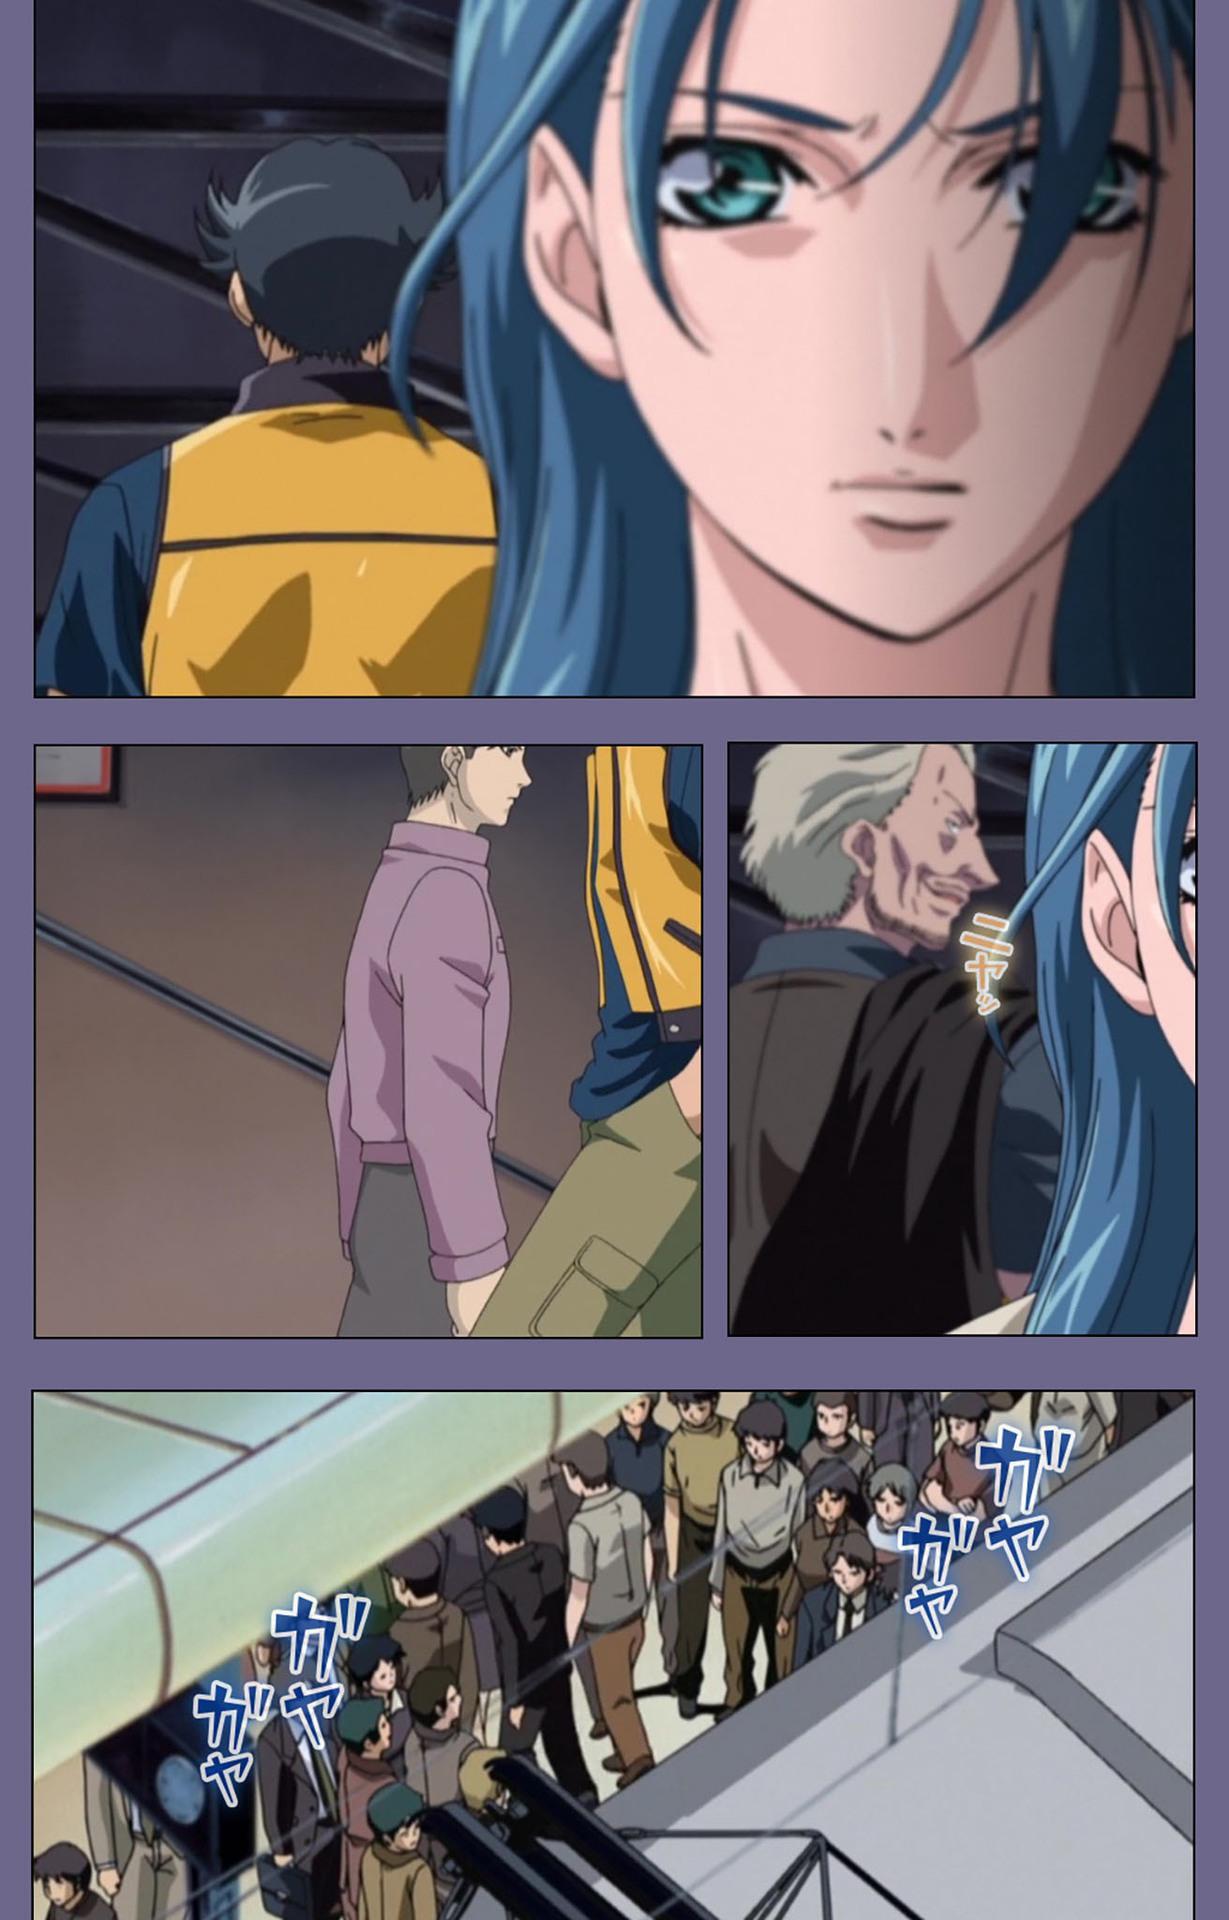 Itazura kanzenhan 133